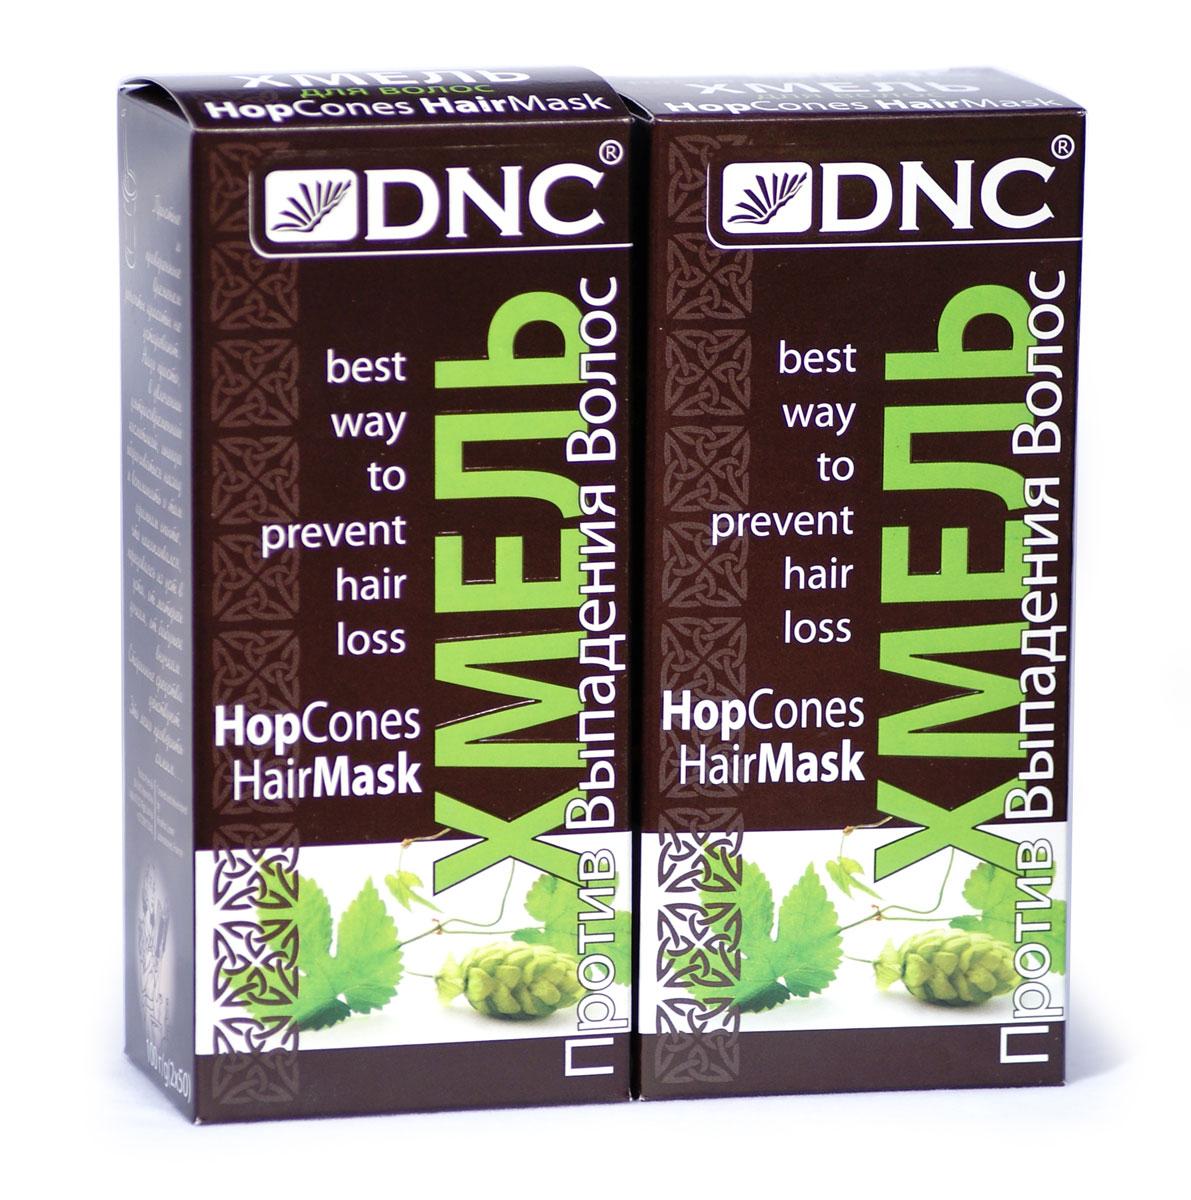 DNC Хмель для волос + Хмель для волос (2*100г) набор валик курс 2556